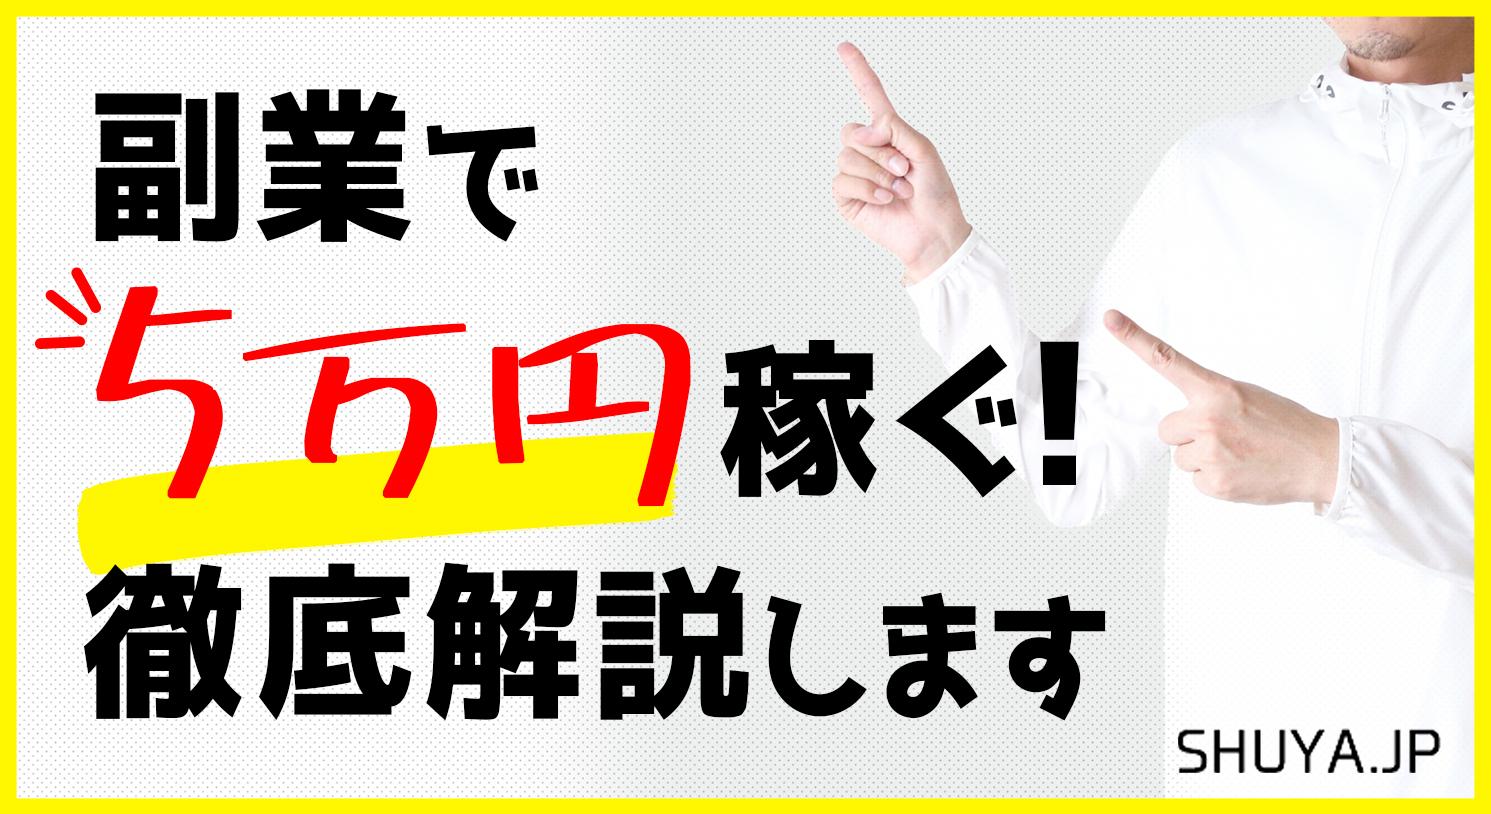 【最新版】副業で5万円稼ぐおすすめの方法について徹底解説